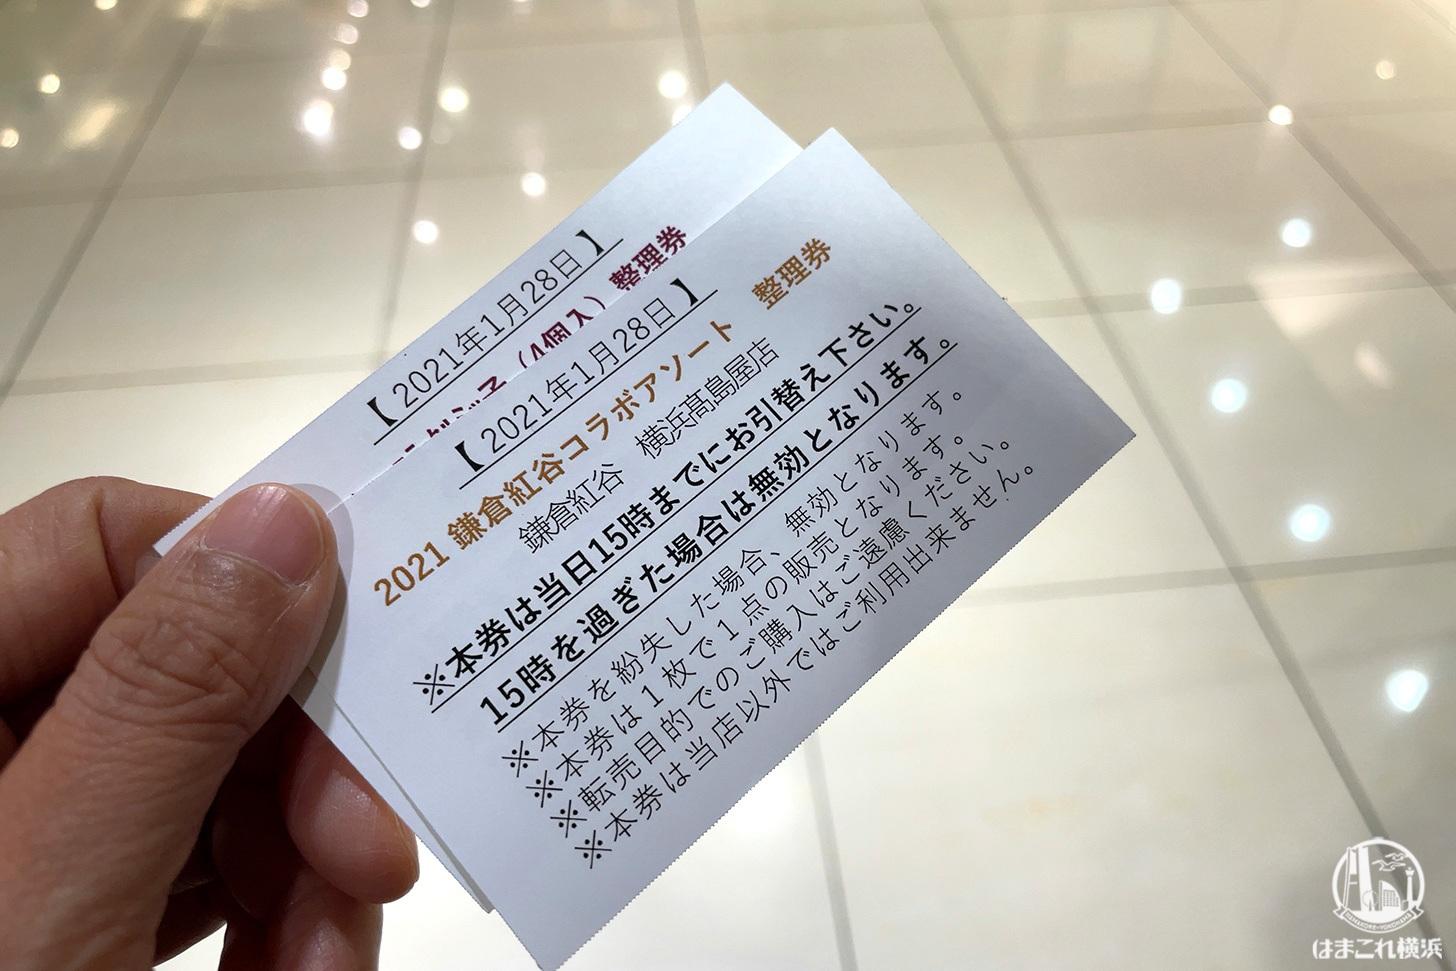 横浜高島屋 鎌倉紅谷 整理券